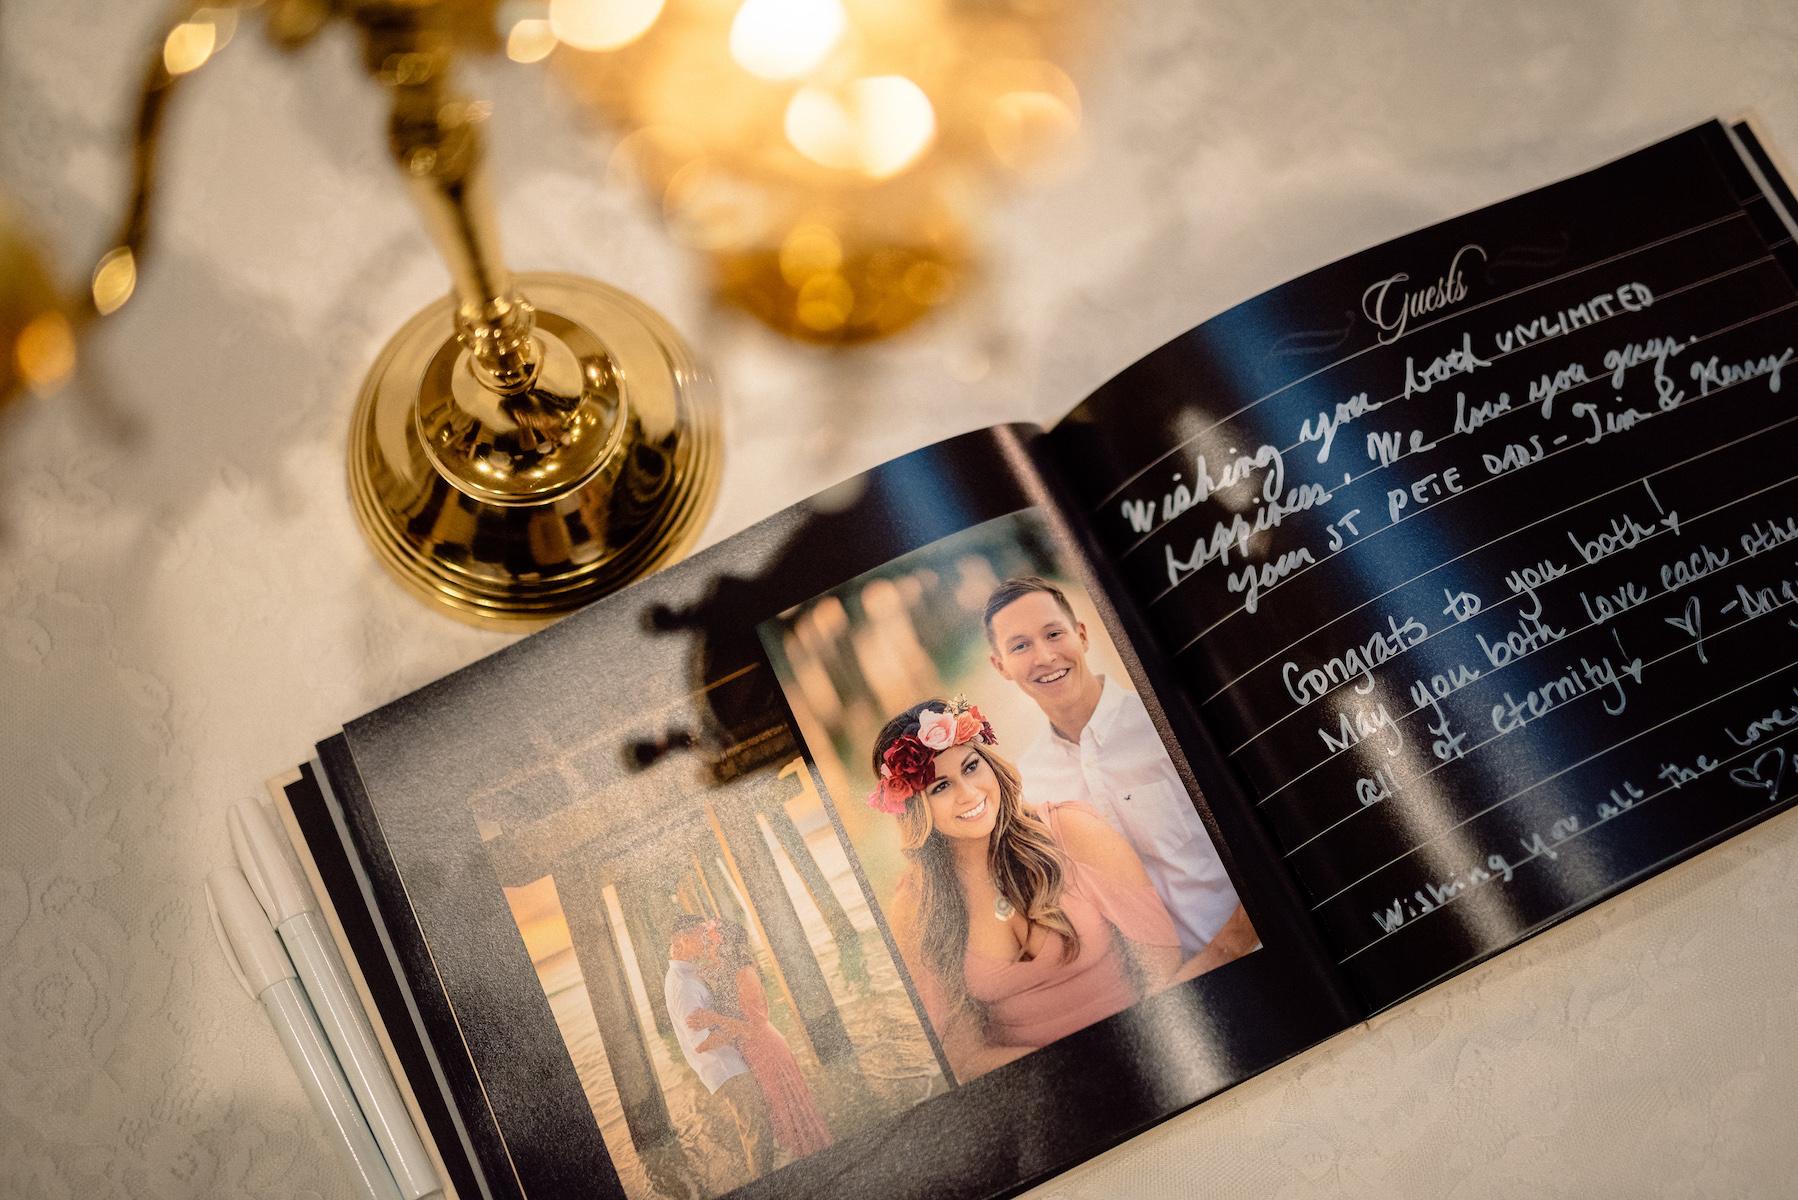 Guest Book Engagement Photos Matt Steeves Photography Weddings.jpg